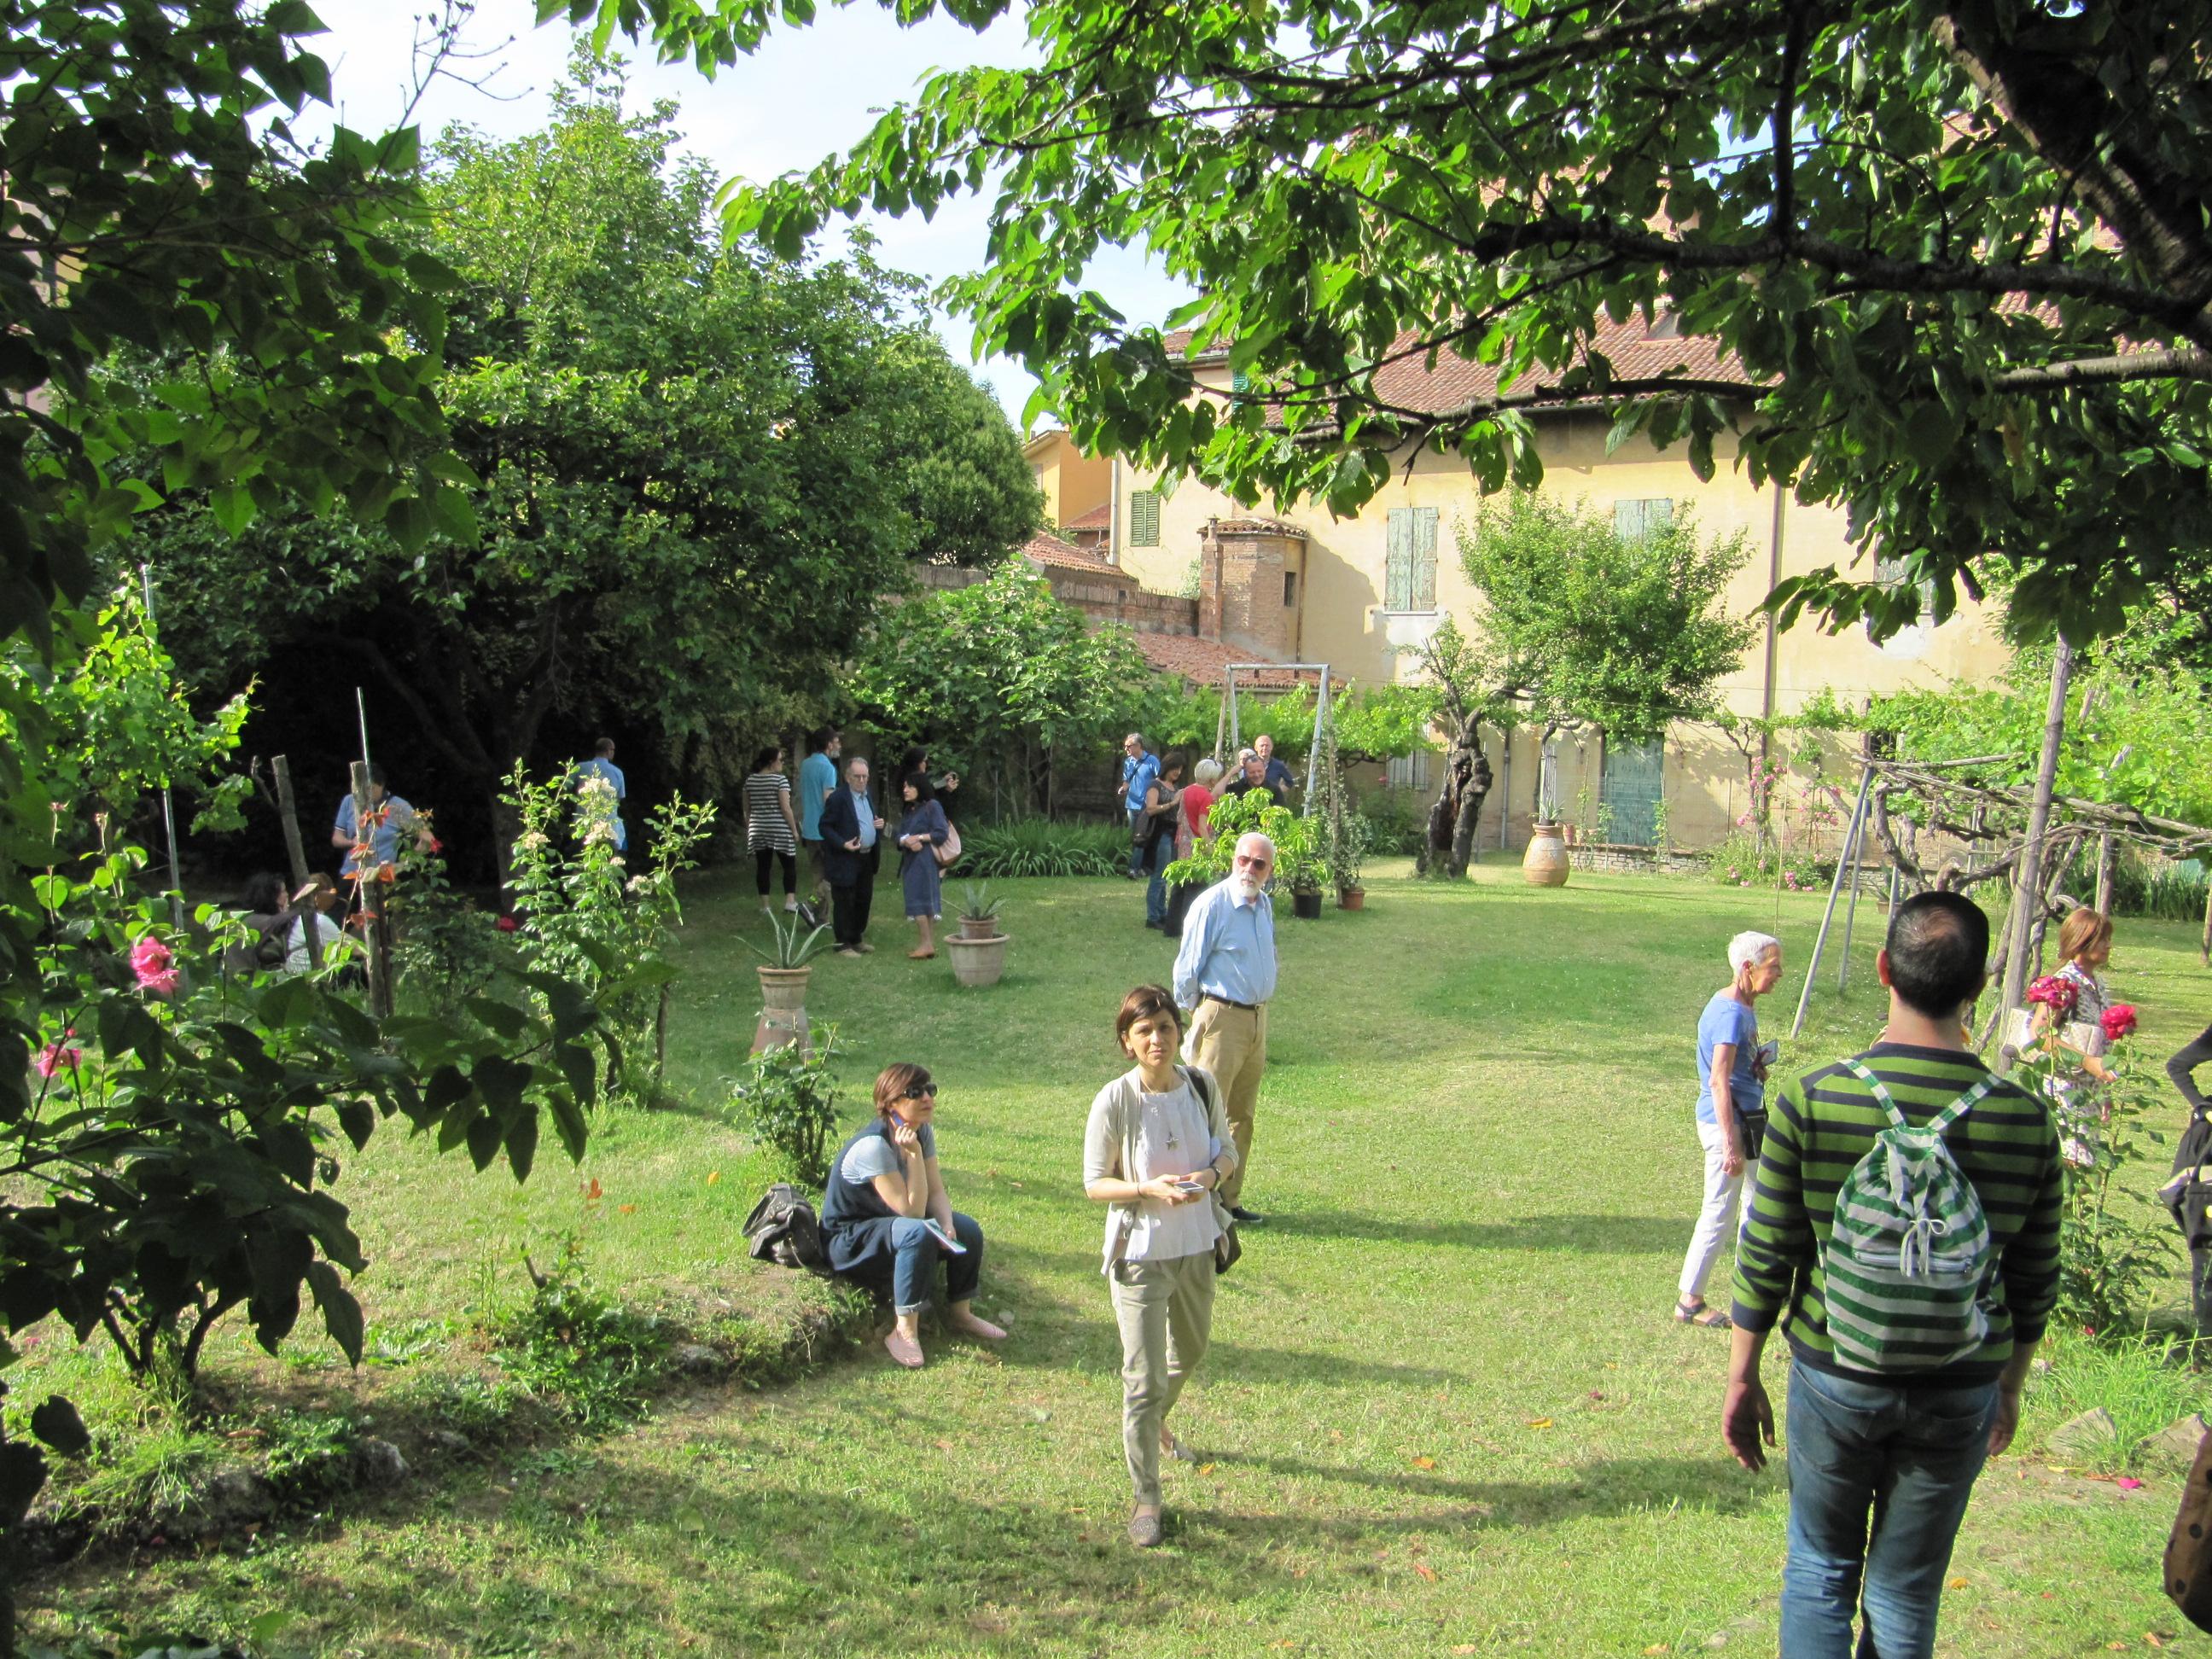 Passaparola nei giardini segreti di bologna dove viaggi for Laghetti nei giardini